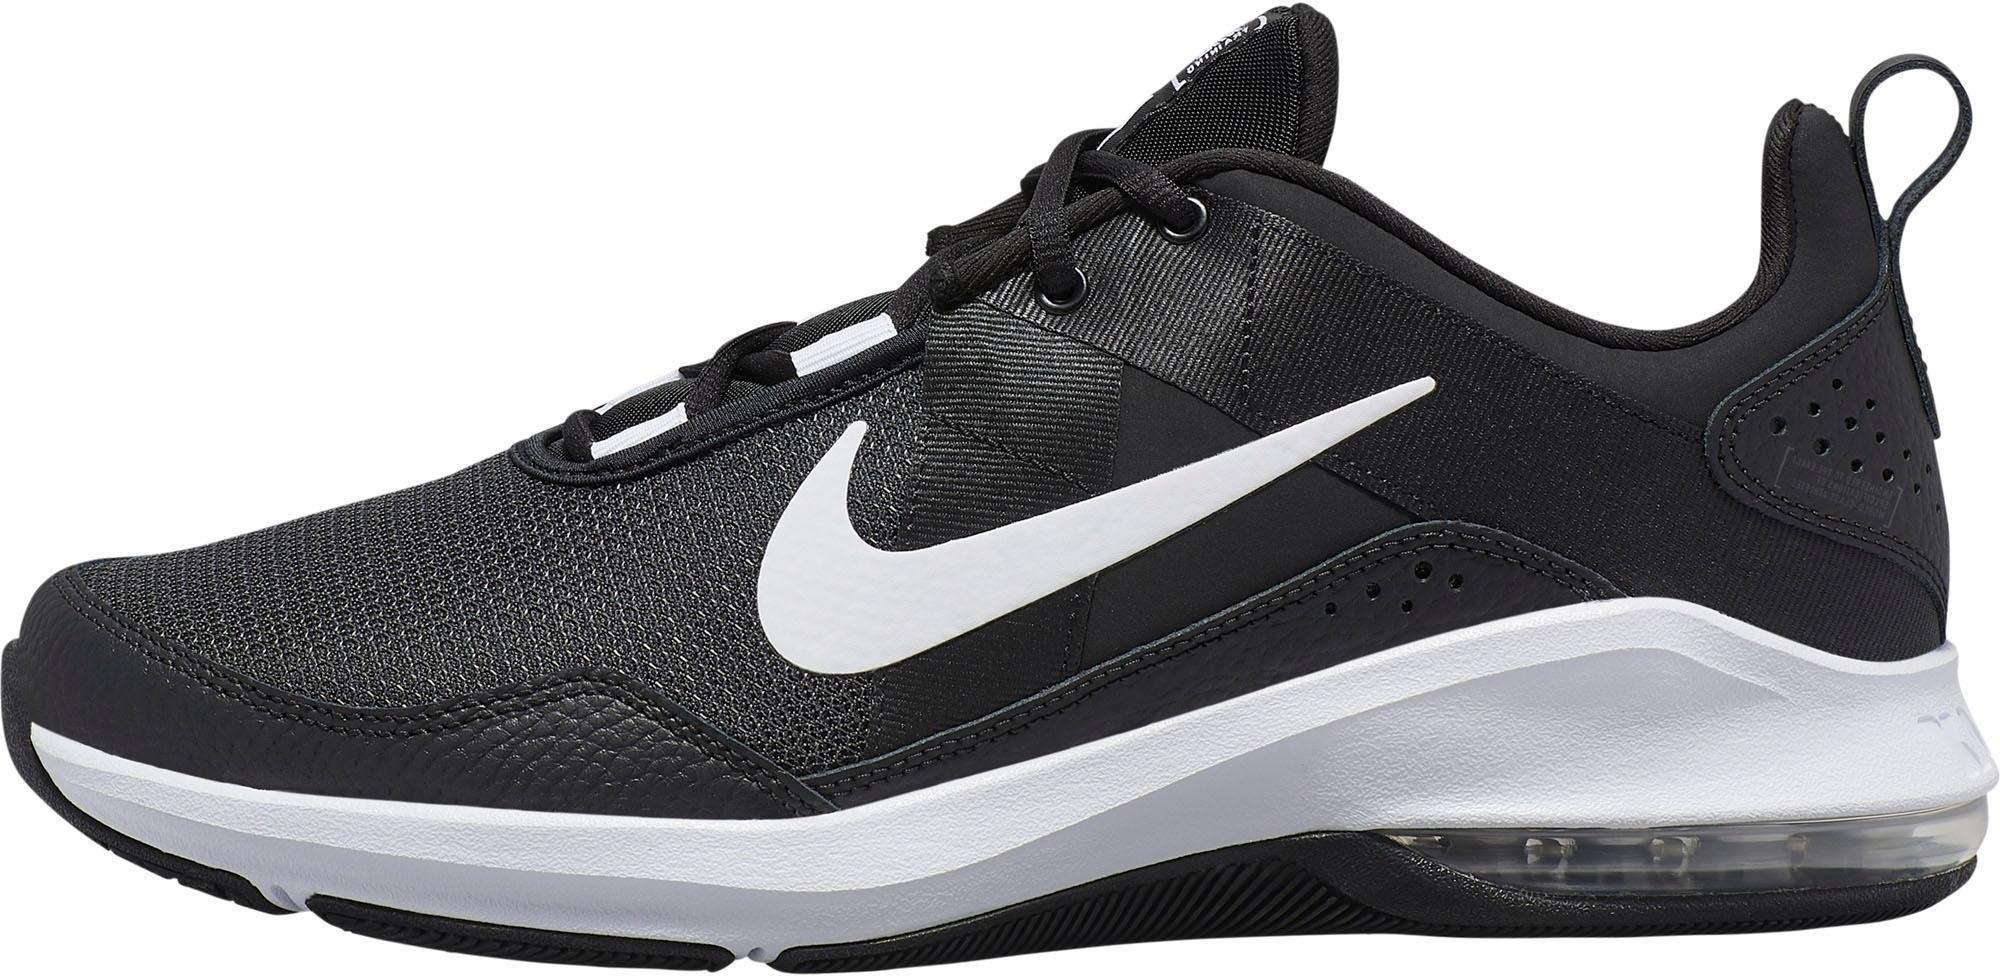 Nike trainingsschoenen »Air Max Alpha Trainer 2« voordelig en veilig online kopen